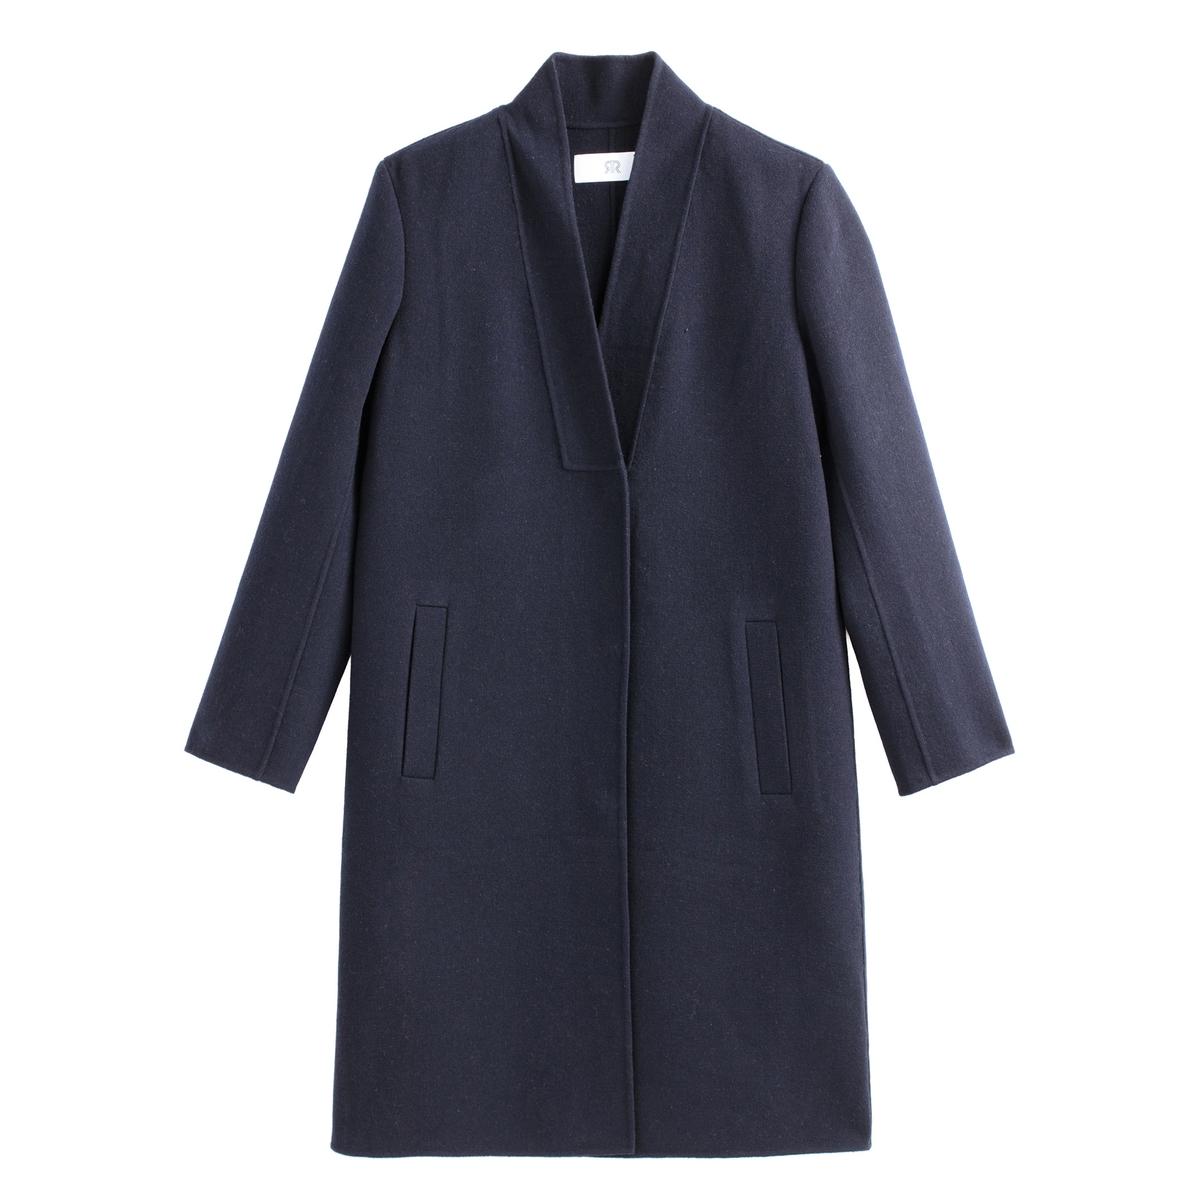 Abrigo de lana mezclada